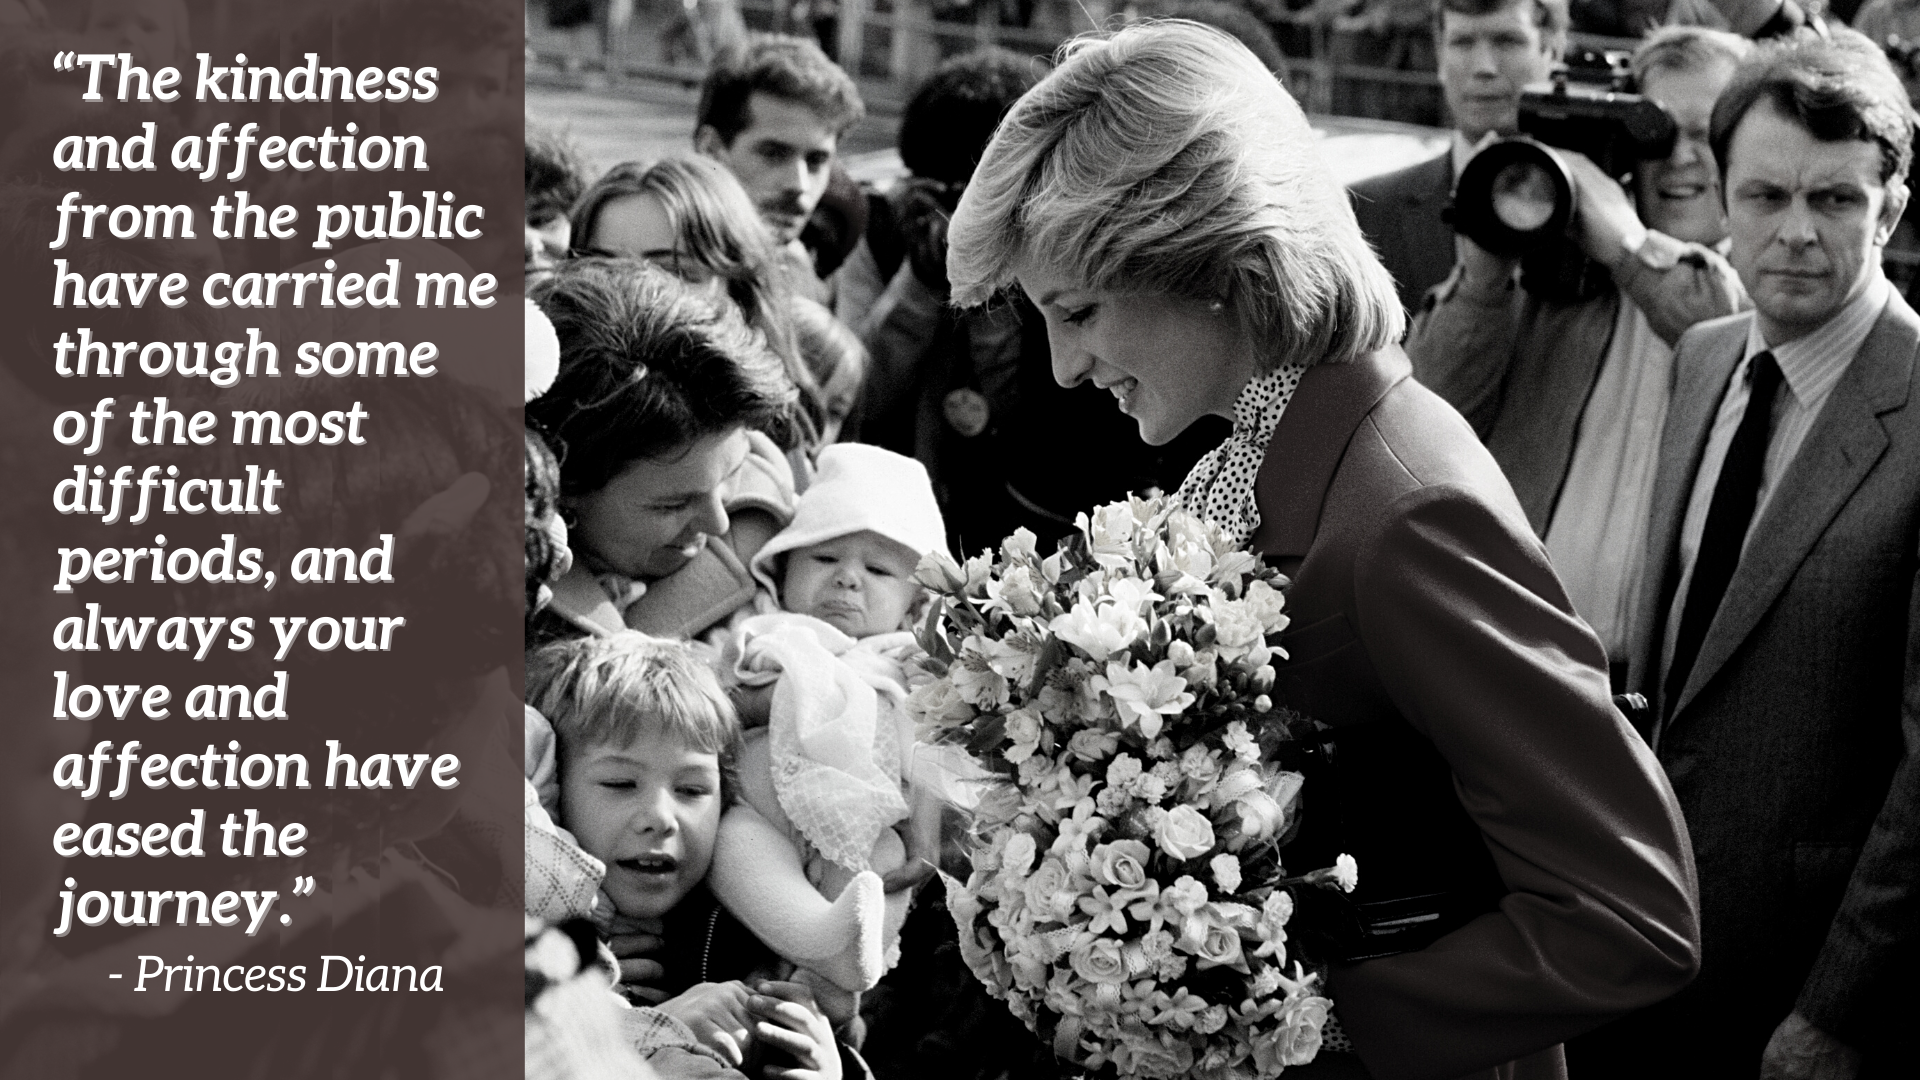 La Princesse Diana saluant la foule à Brixton - citation